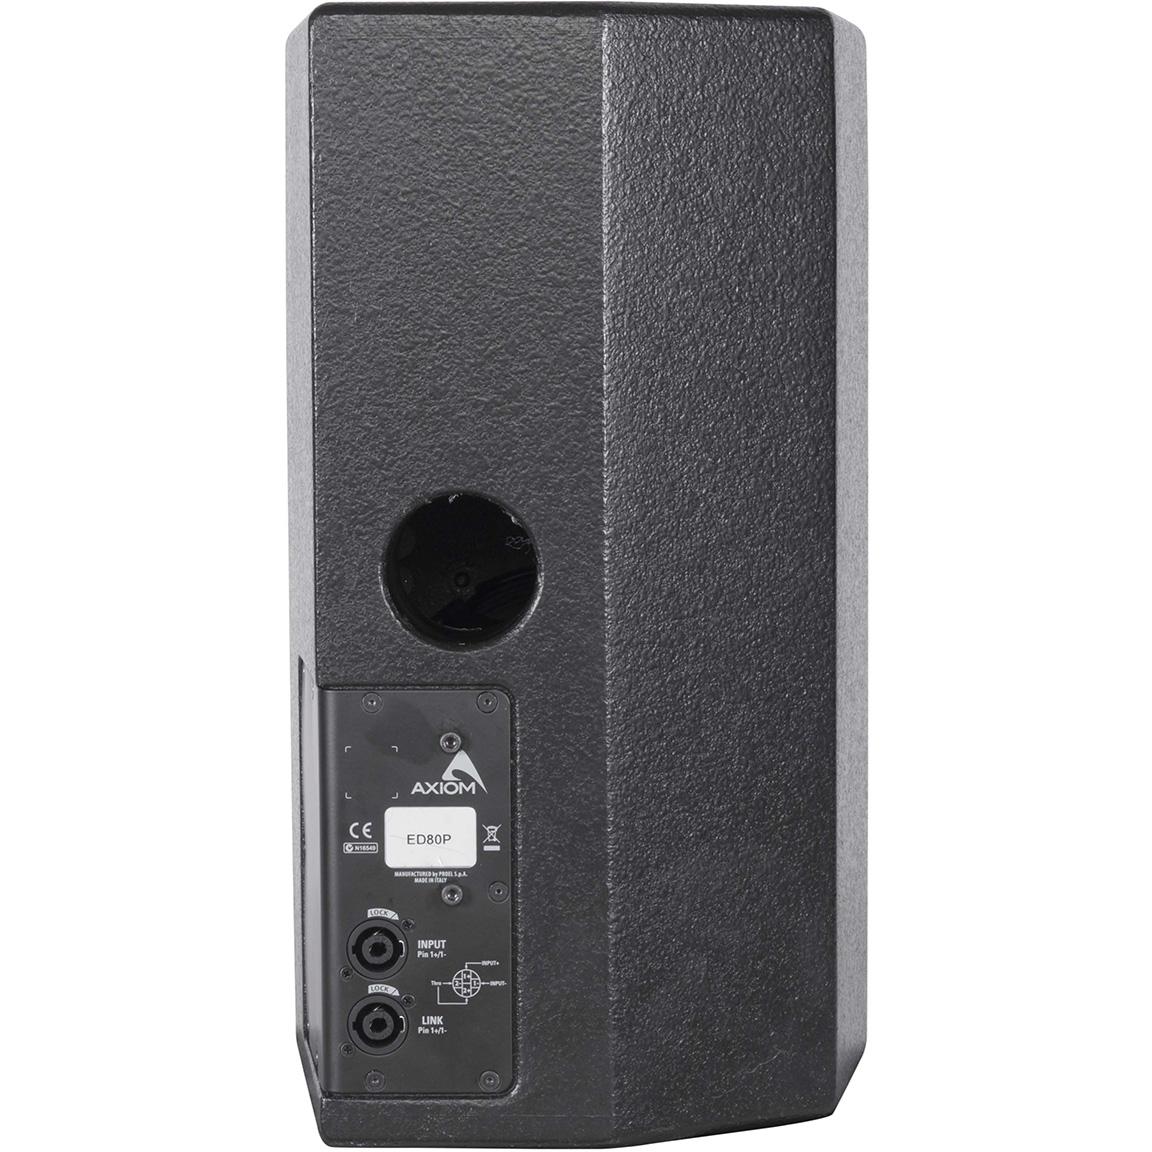 Axiom ED80P - Пассивная акустическая система 8'' с несимметричной диаграммой направленности, 280–560 Вт, черного цвета